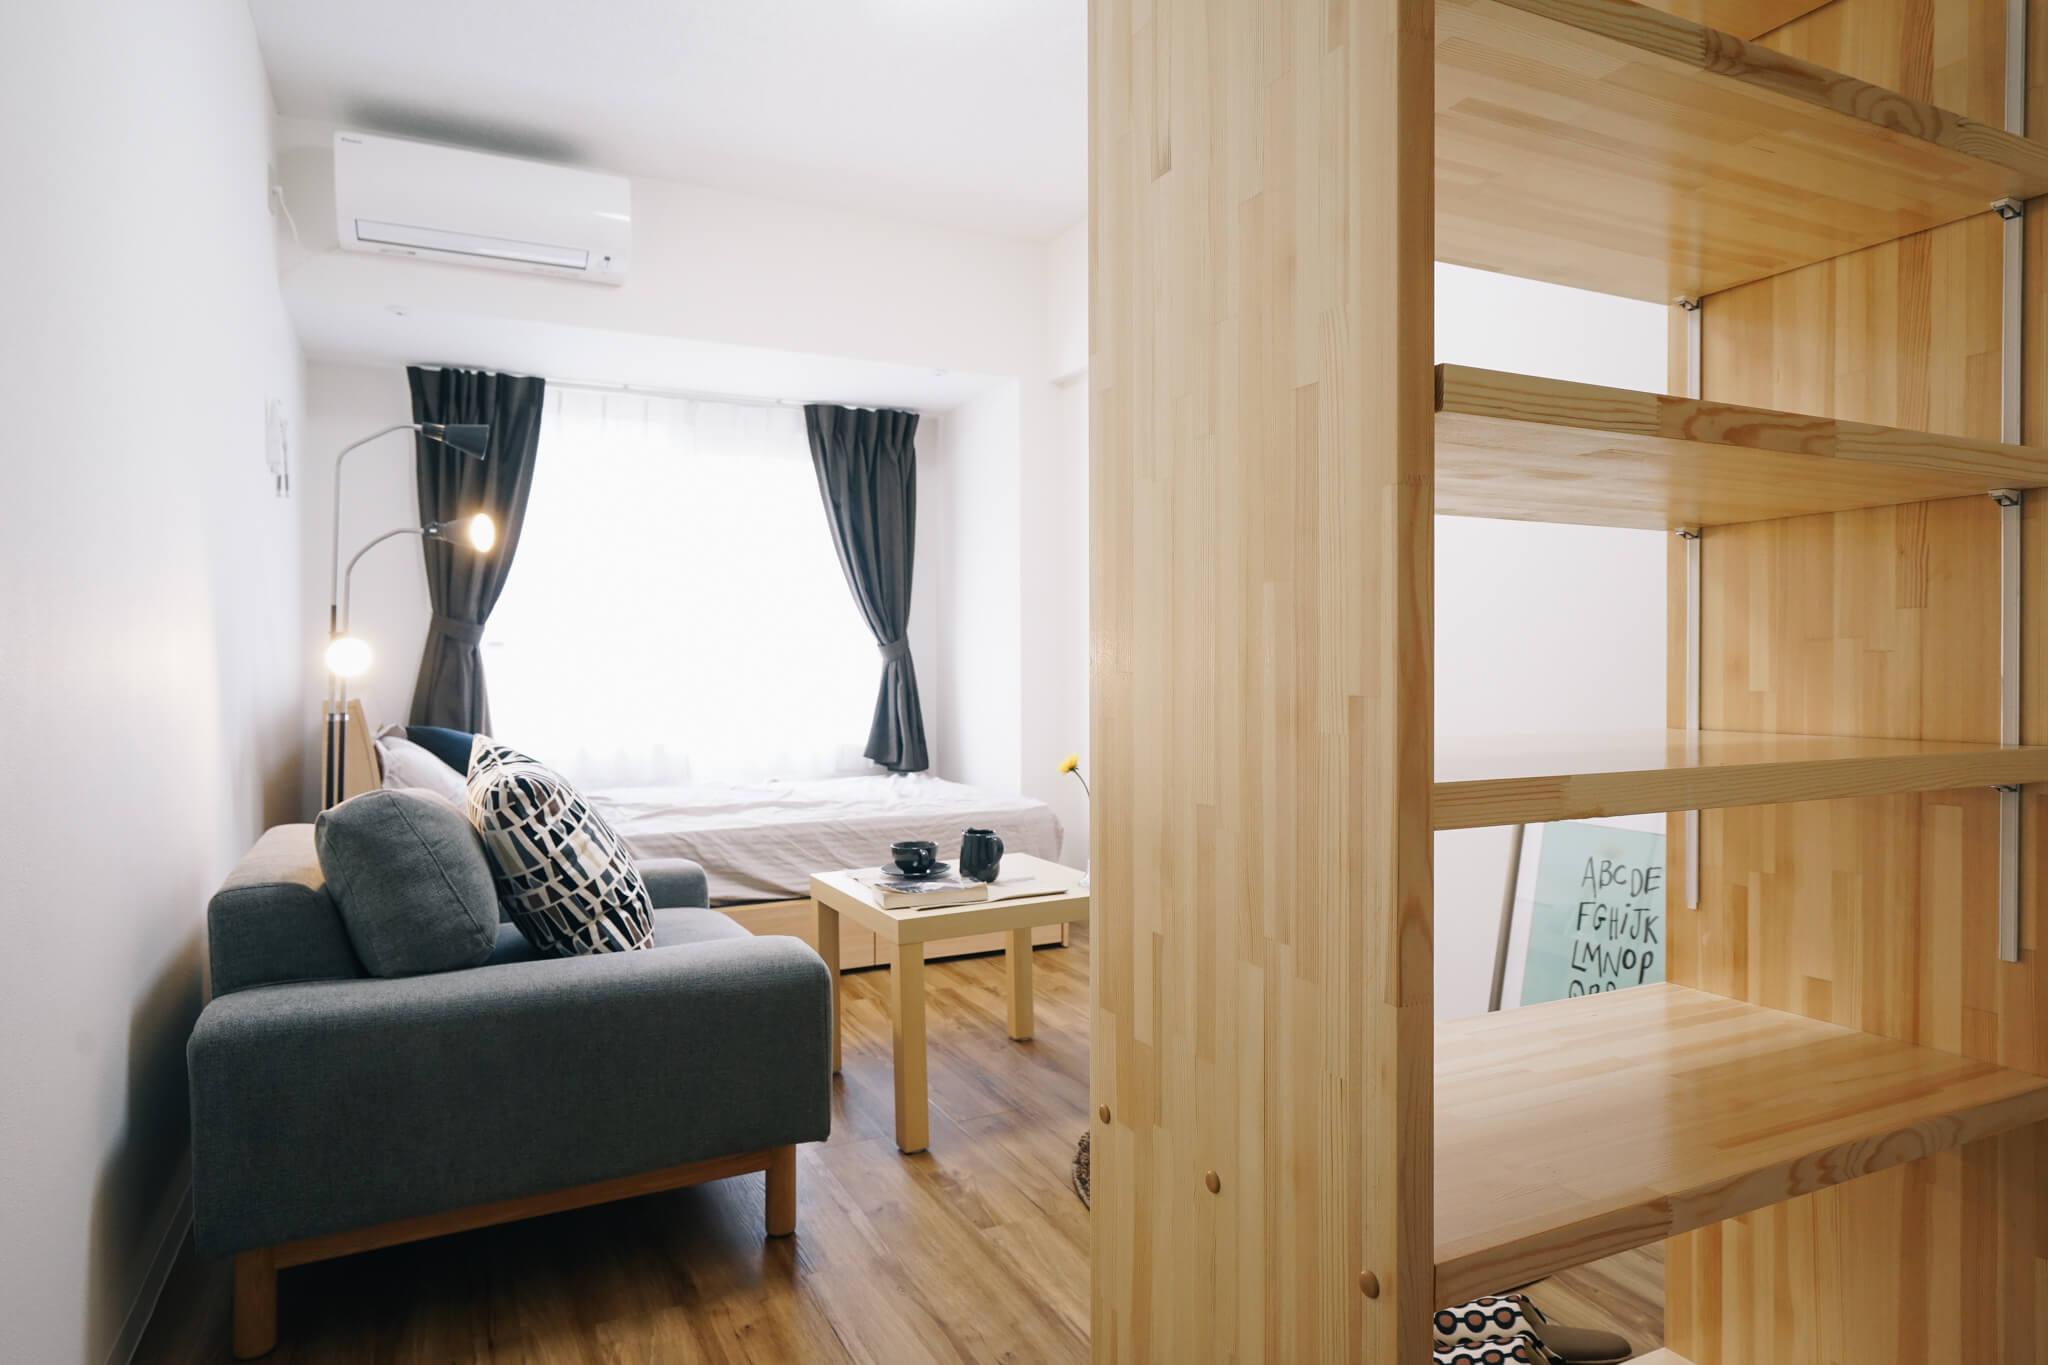 Dタイプのお部屋は、なかなか贅沢な一人がけソファが備え付け。